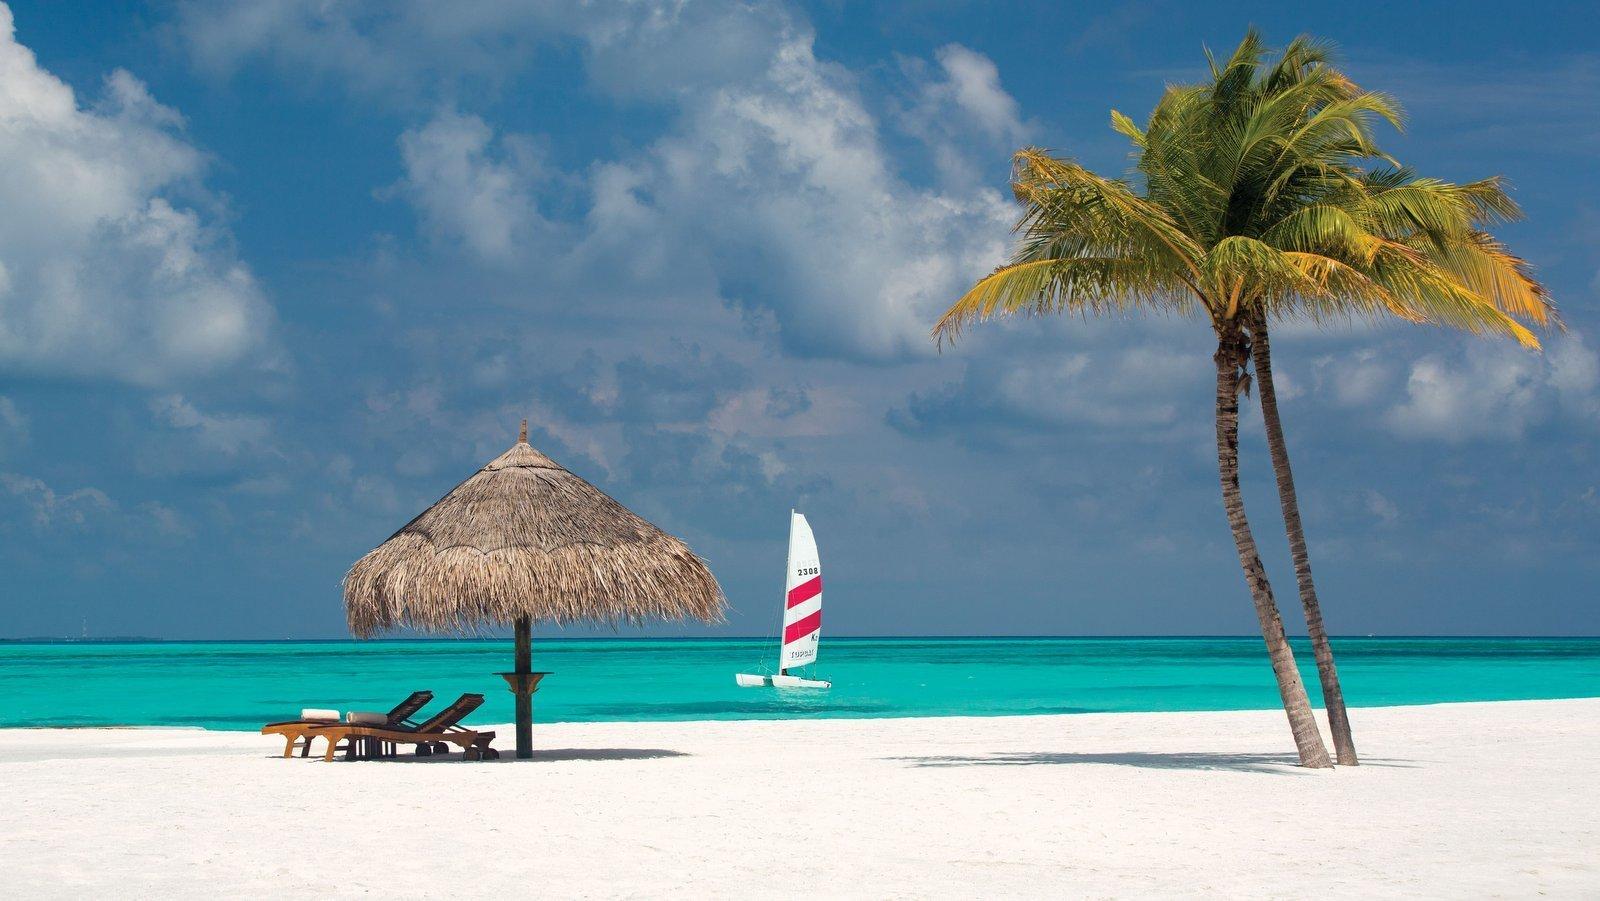 Мальдивы, отель Atmosphere Kanifushi Maldives, пляж